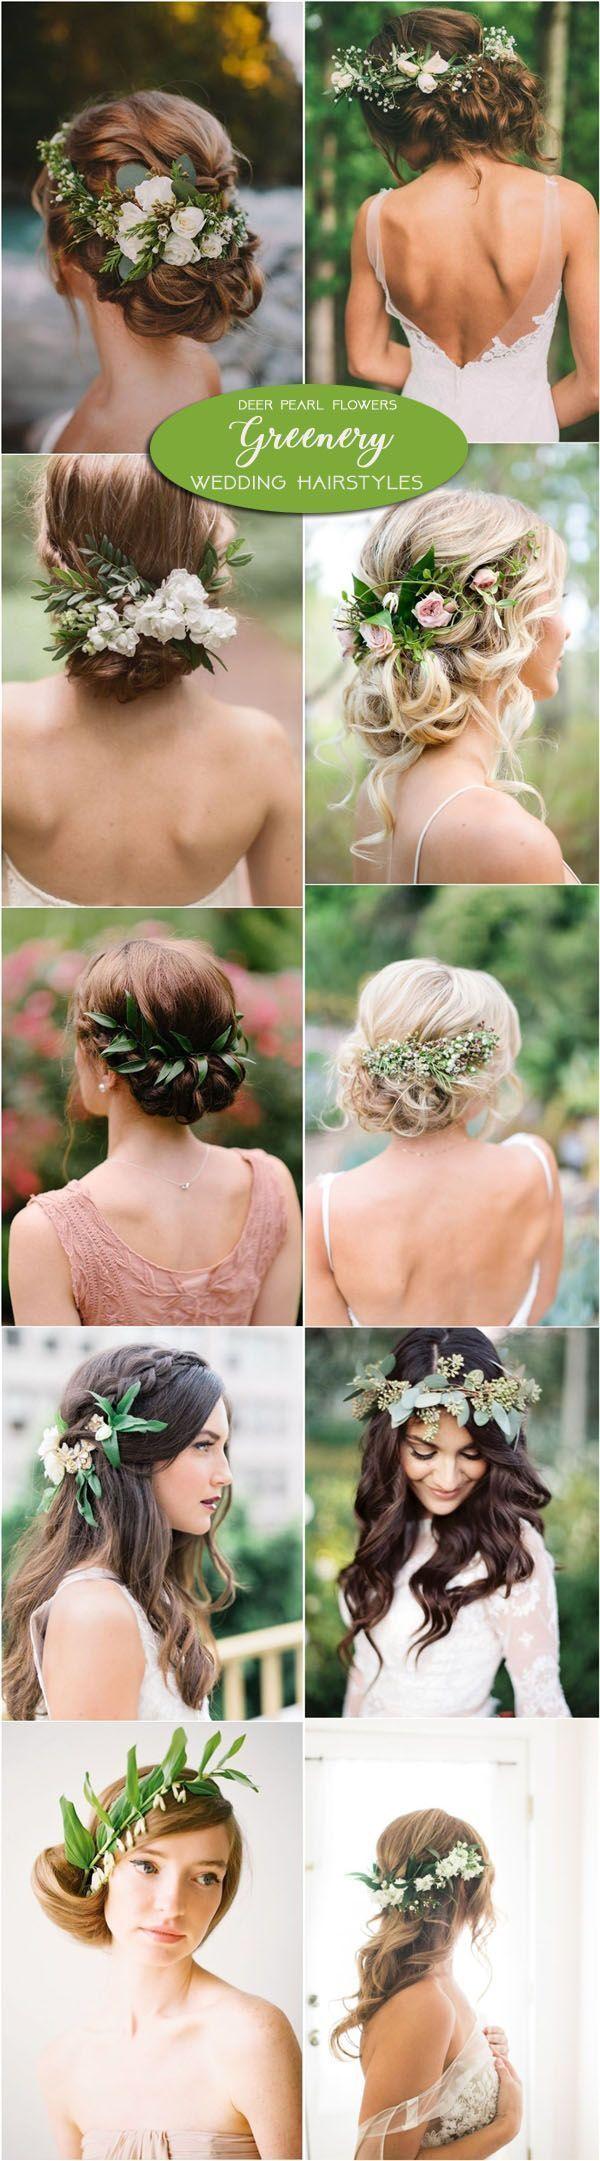 50+ Sommer Hochzeit frisuren für mittellange Haare #shortupdohairstyles